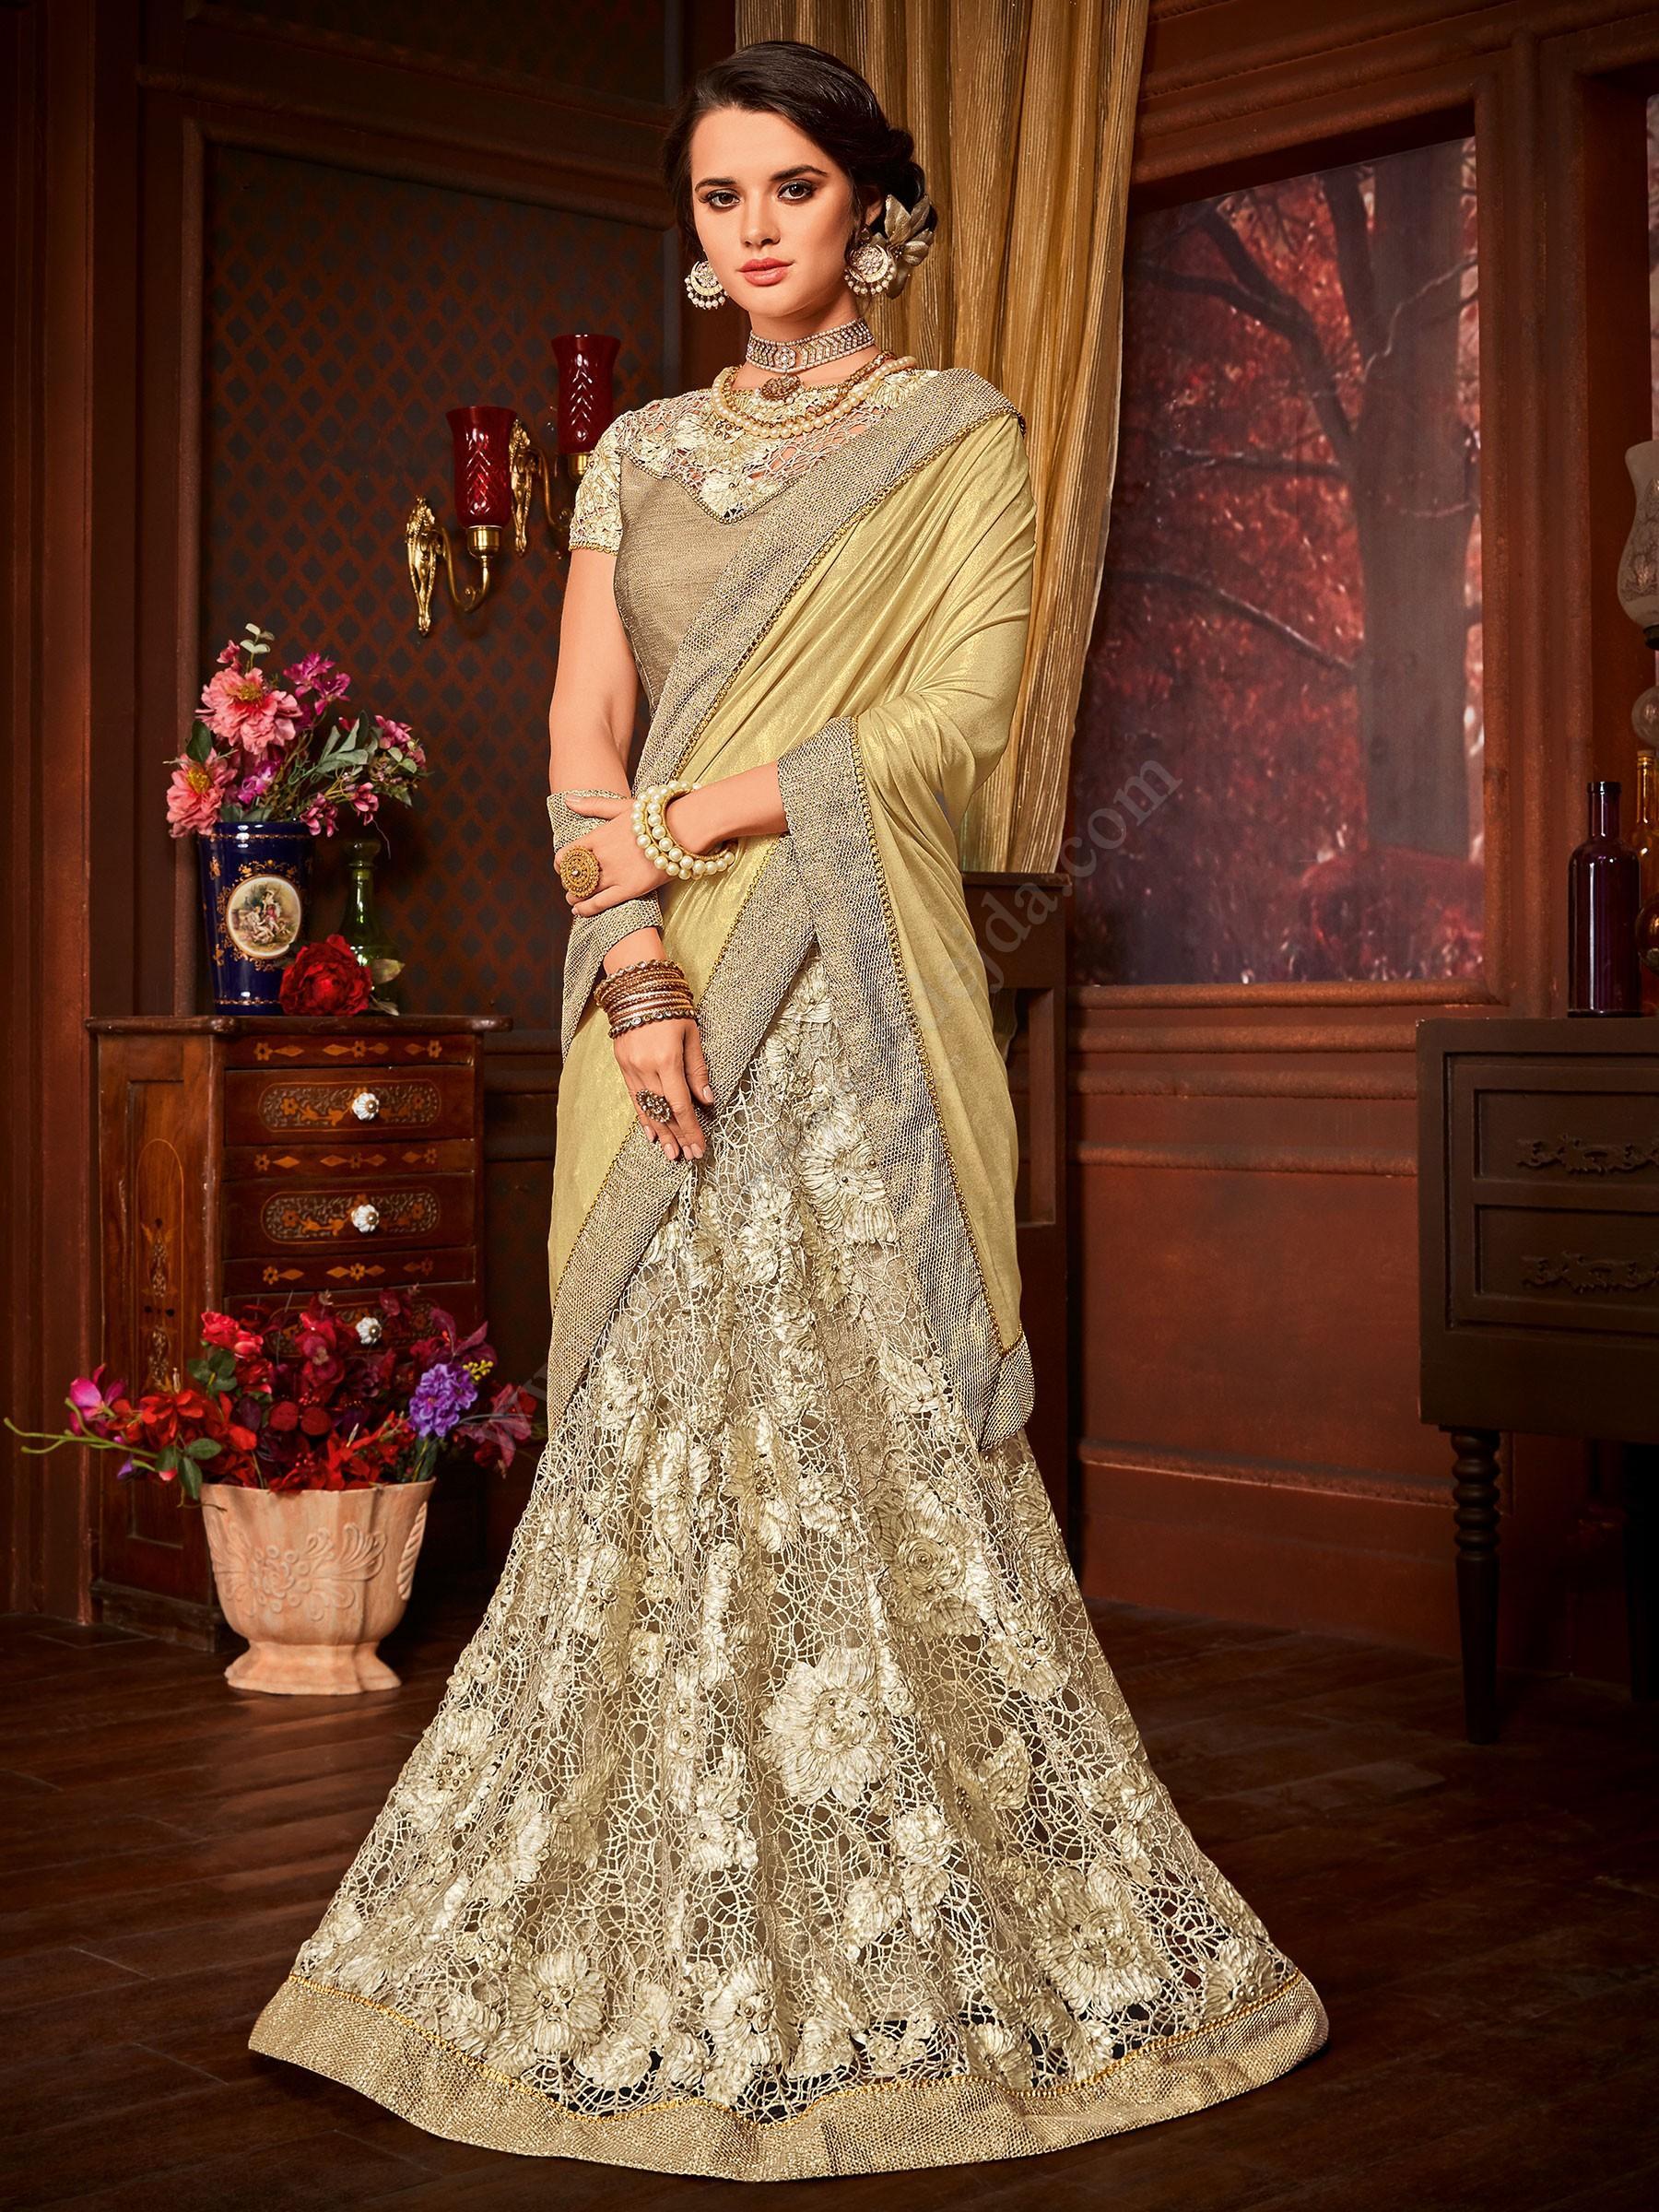 Vestiti Da Sposa Indiani.Indiano Mascolino Vestito Da Sposa Sari 1105794